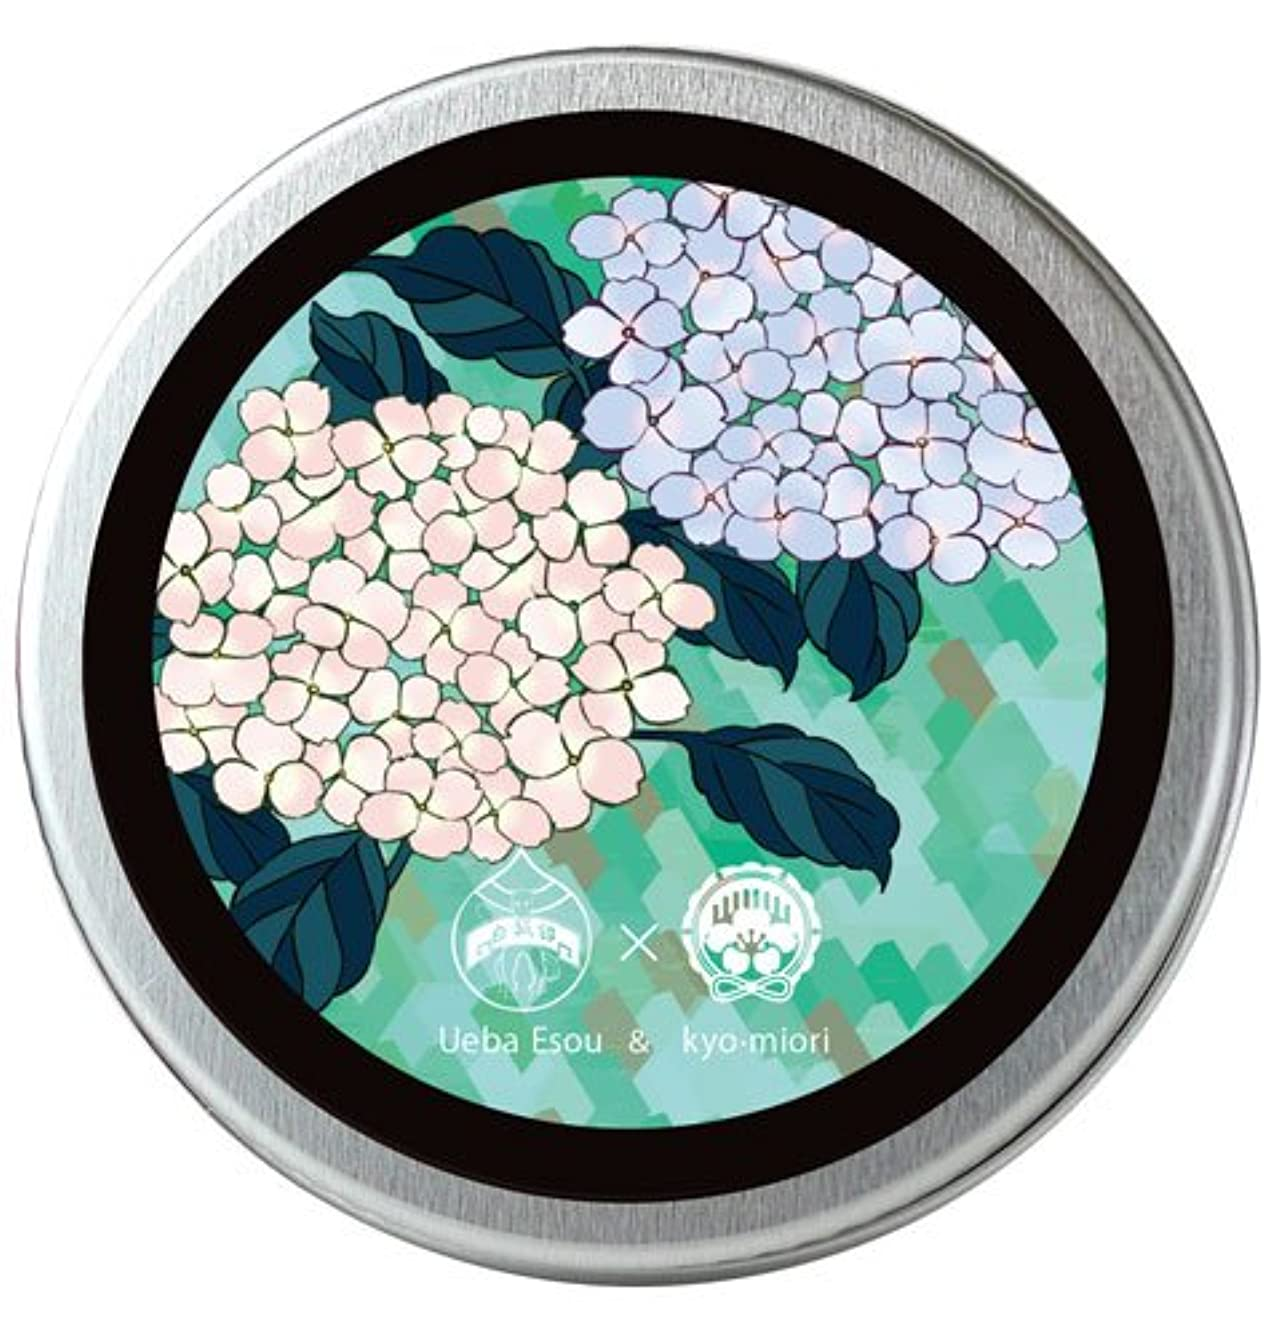 空気自然公園おじいちゃん恋する珠肌はんどくりーむ 6月(紫陽花)